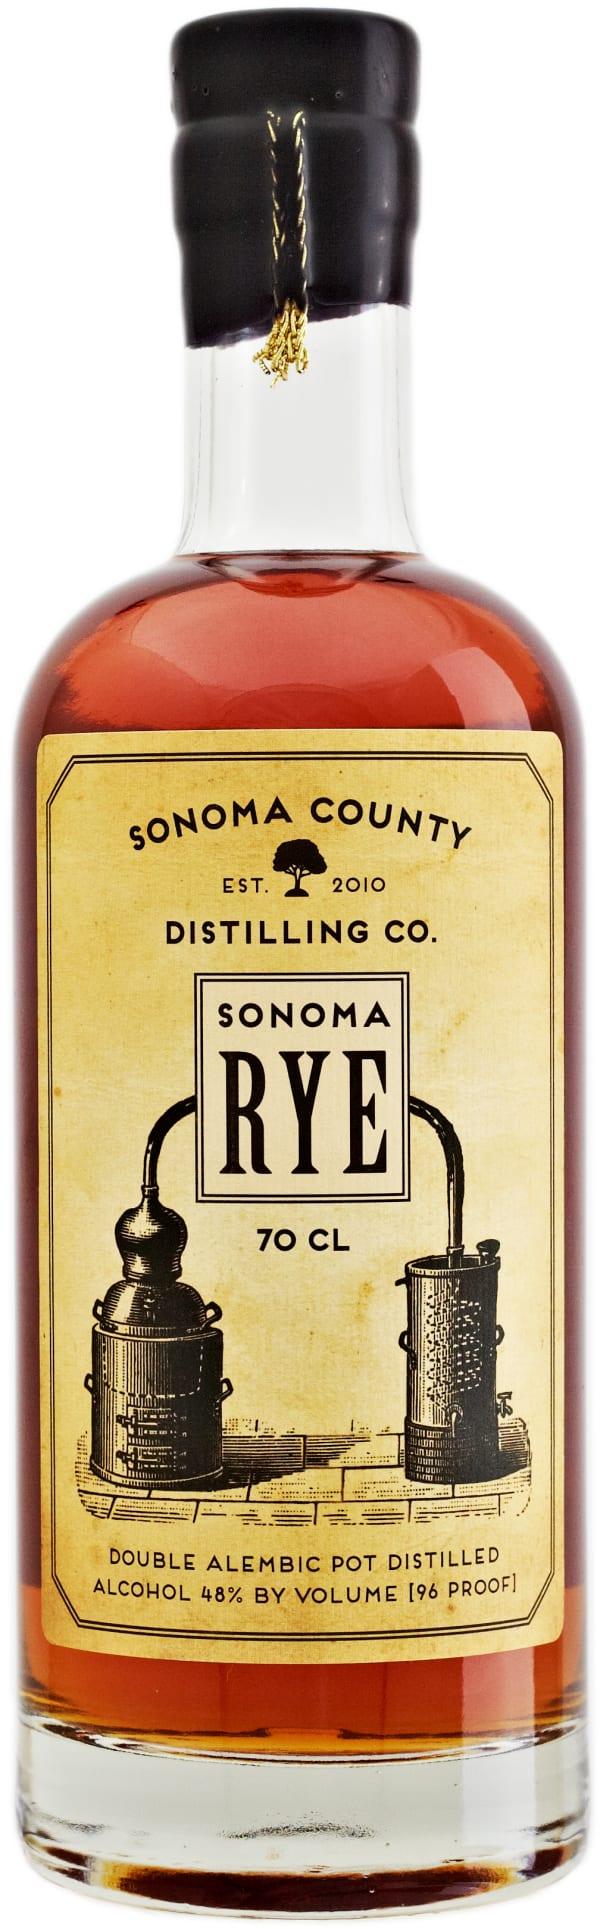 Sonoma Rye